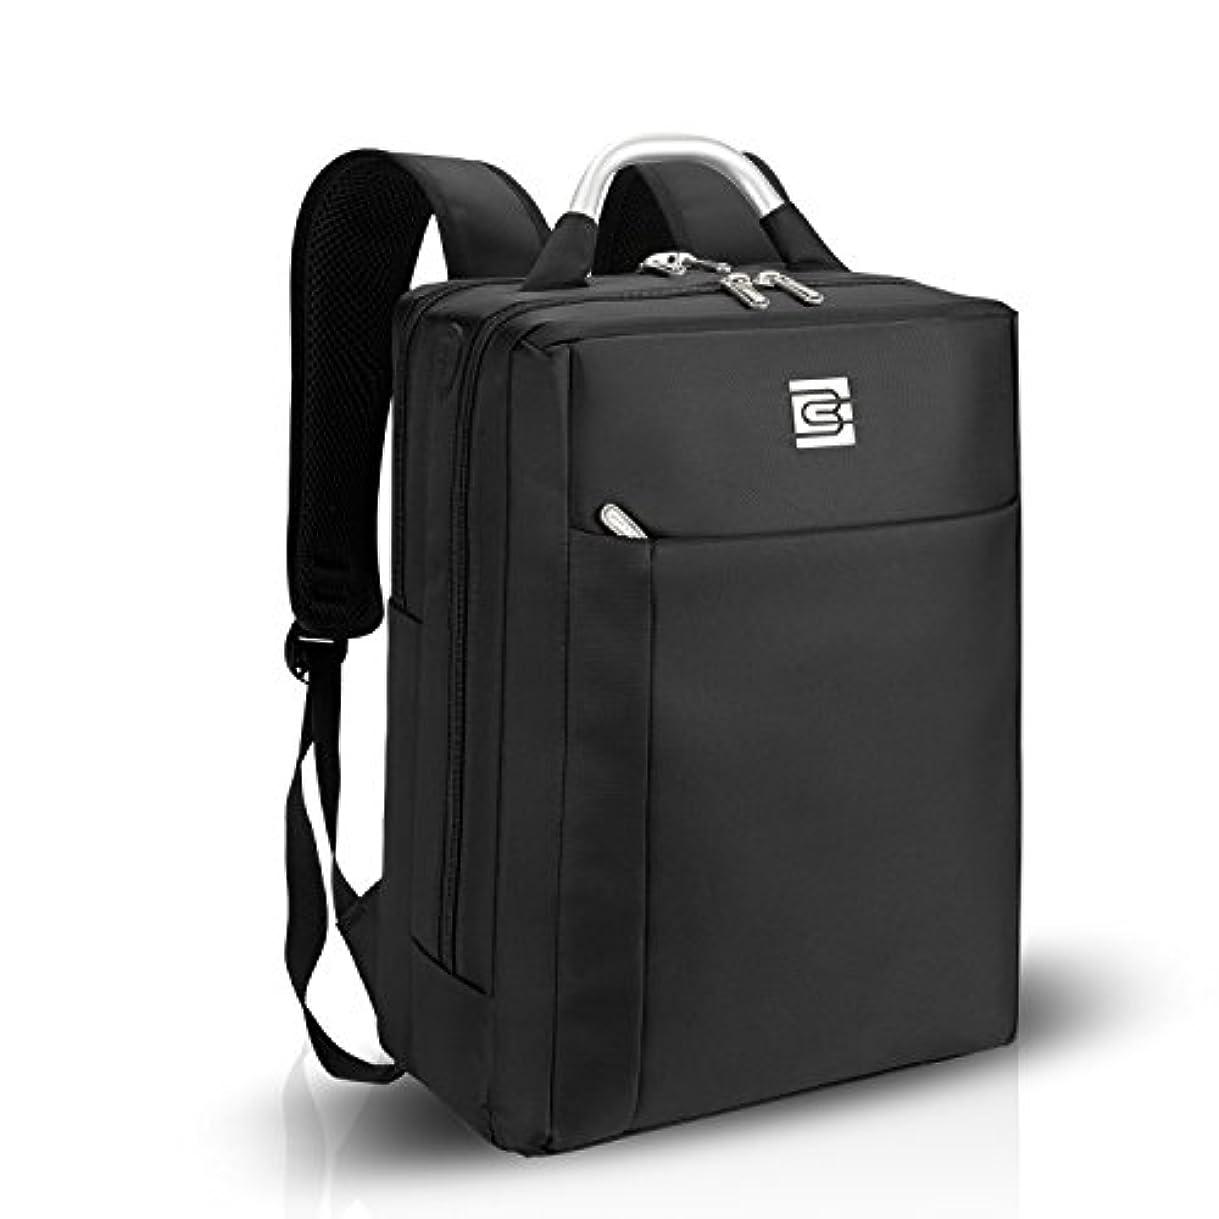 印象的な以下苦行FANDAREビジネスリュックサックメンズ パソコンバッグ PCバッグ 旅行バッグ 15.6インチノートPC収納対応 大容量 防水 多機能 通勤 通学 旅行